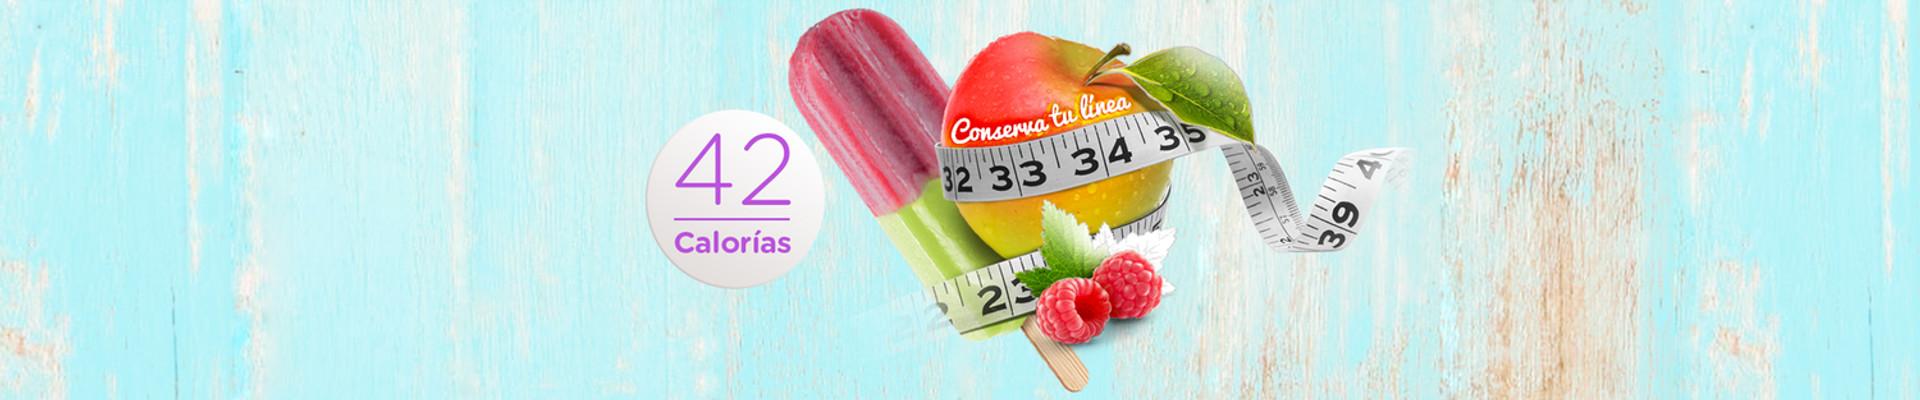 Paletas de frutas bajas en calorías